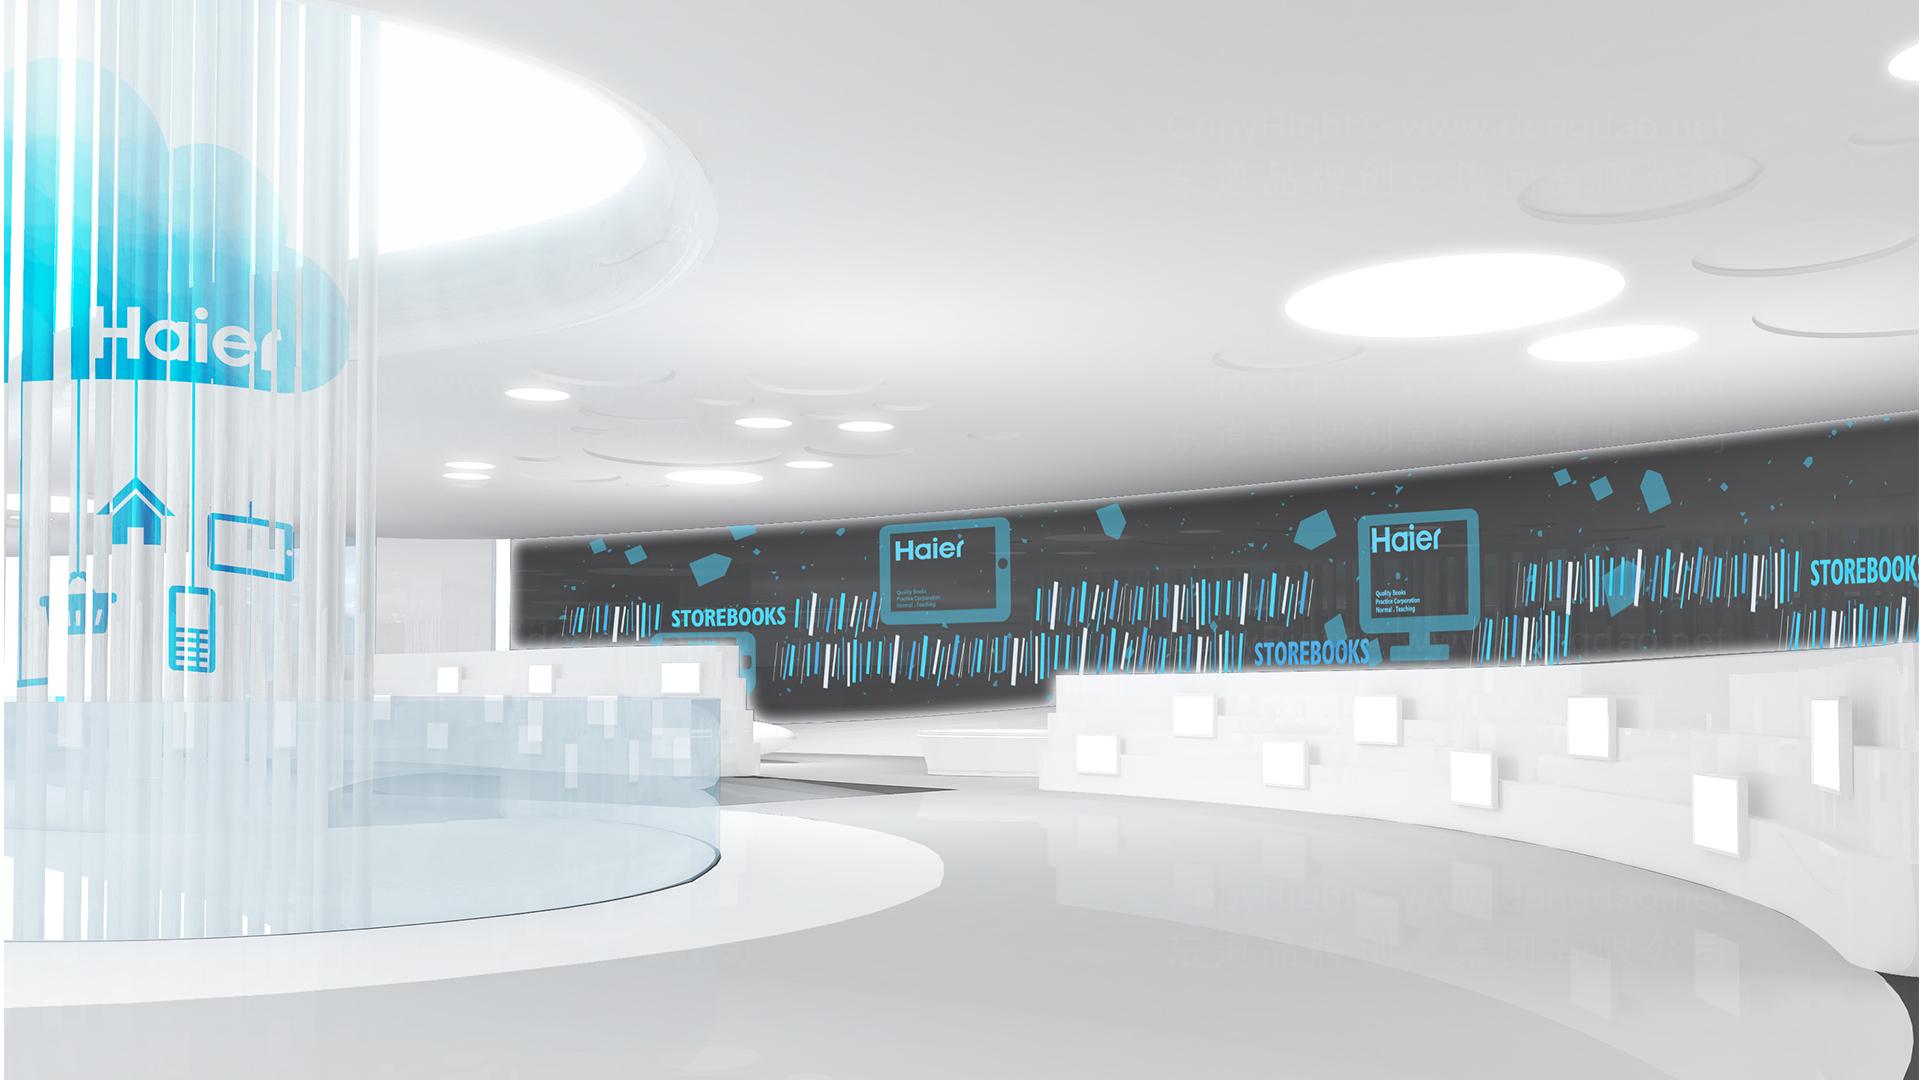 商业空间&导示海尔海尔旗舰店设计应用场景_1